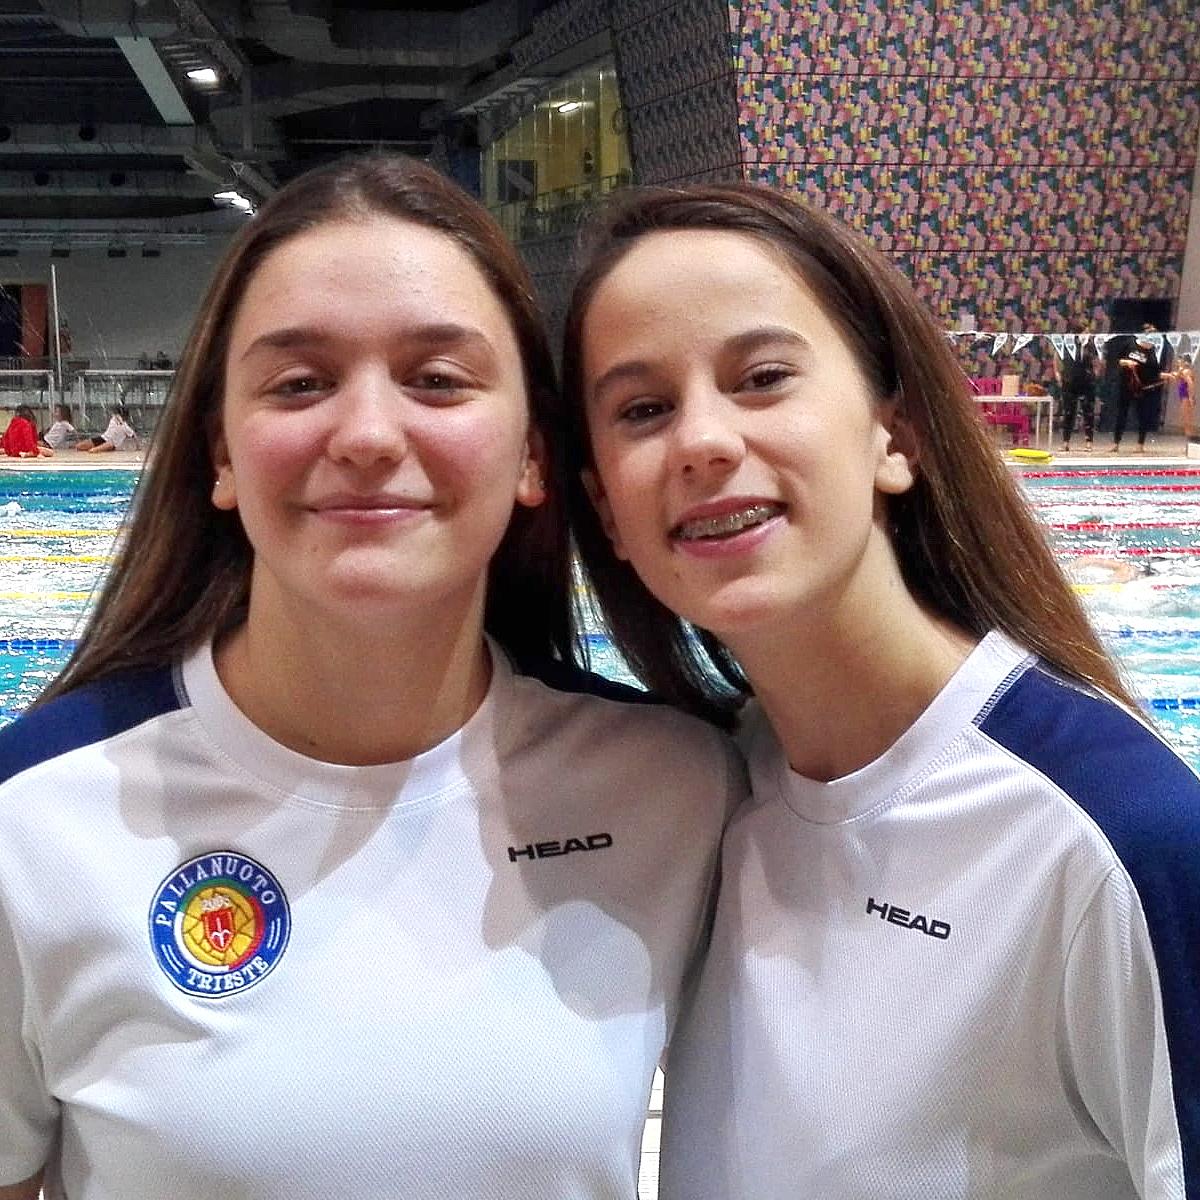 Altre due giovani orchette in azzurro. Grace Marussi e Rebecca Apollonio convocate con la nazionale nate nel 2004 e anni seguenti